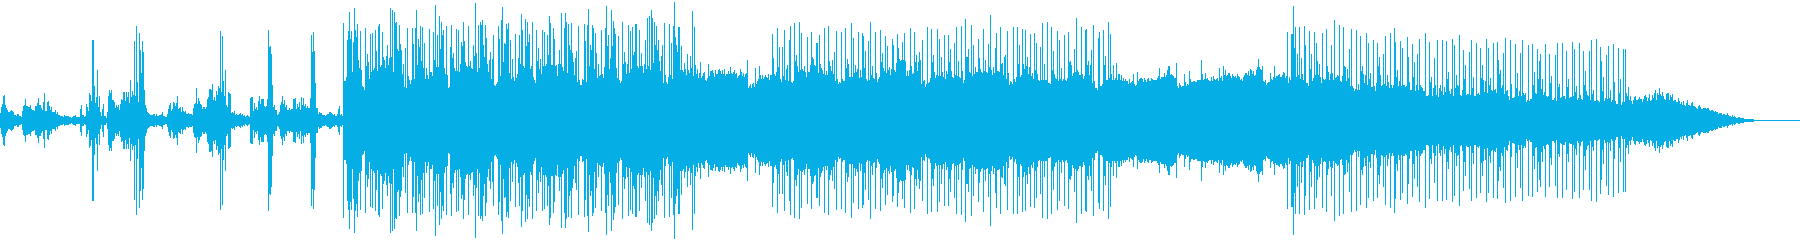 シネマティック サスペンス 技術的...の再生済みの波形